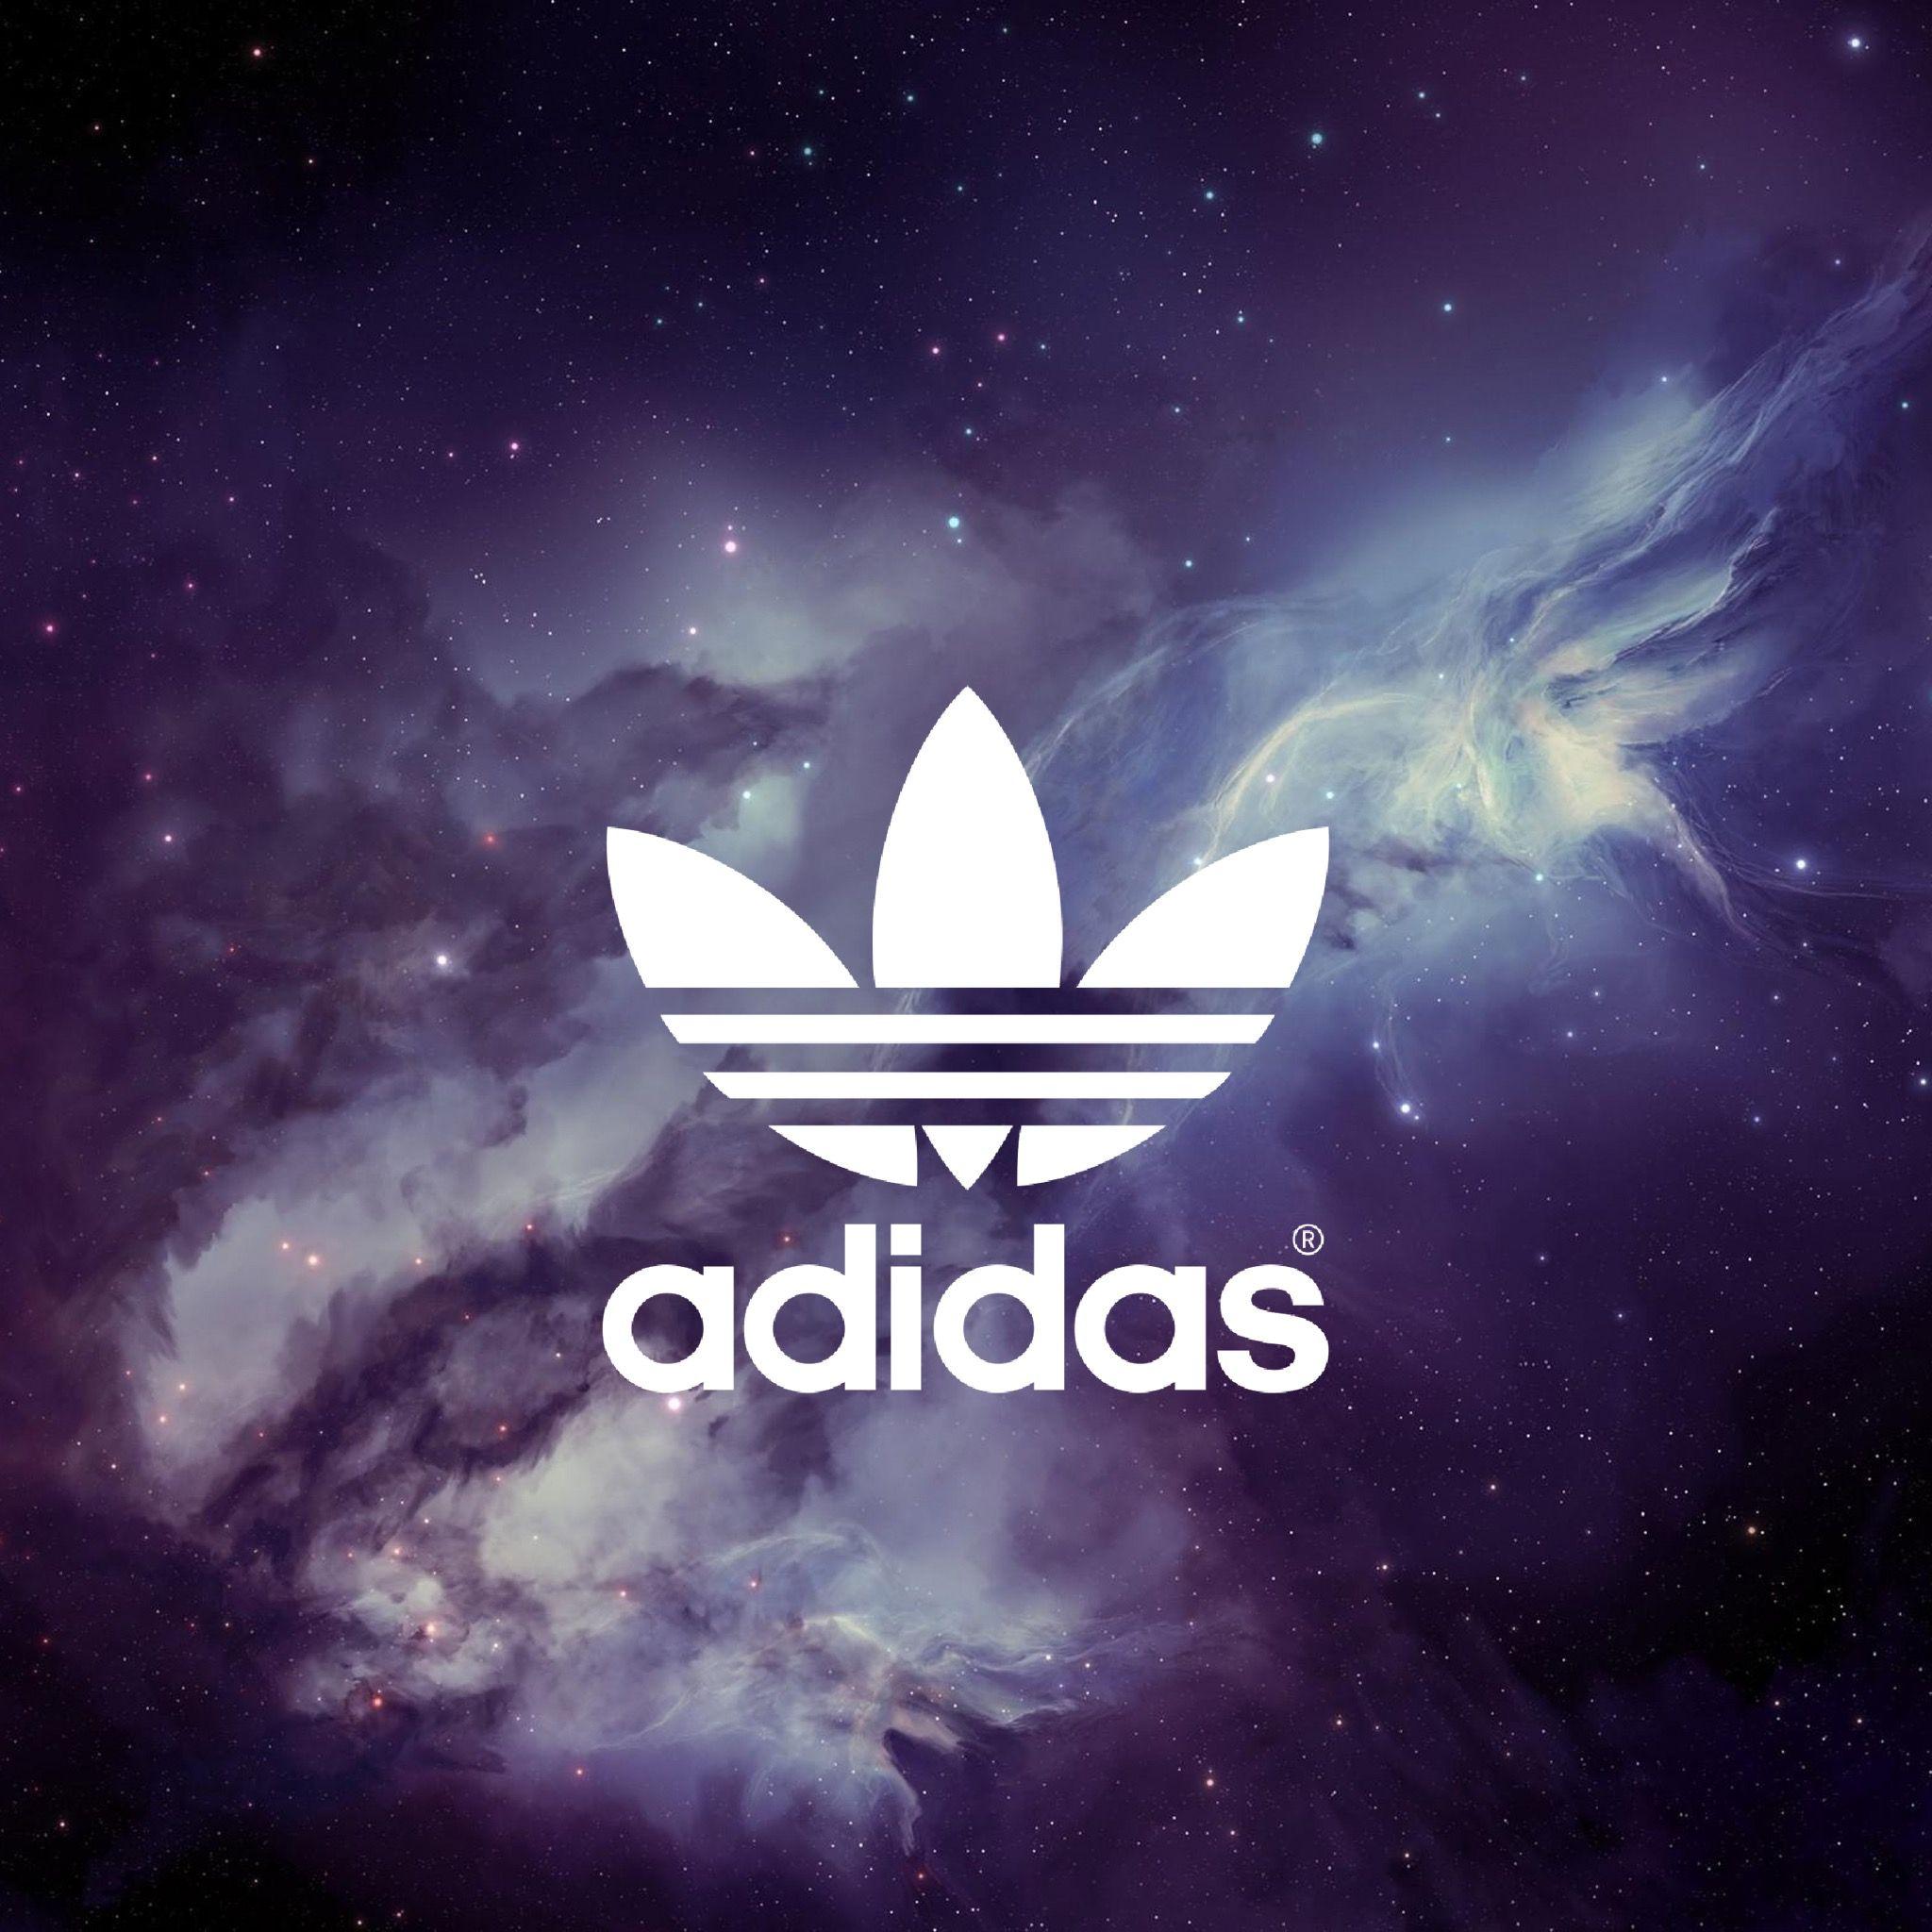 Adidas Galaxy Wallpaper | WALPAPERS in 2019 | Ipad ...